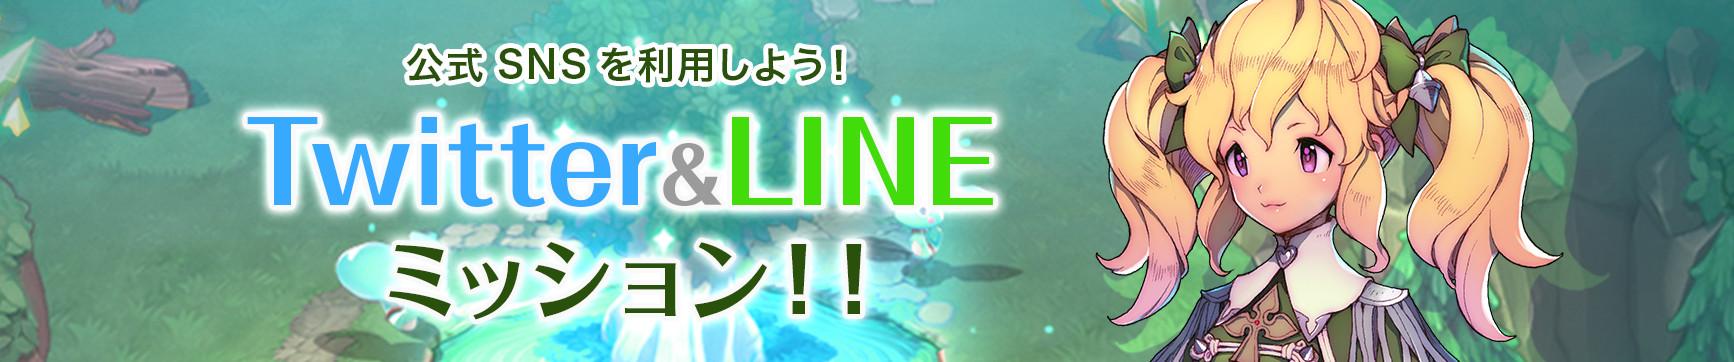 ツイッター&LINEミッション